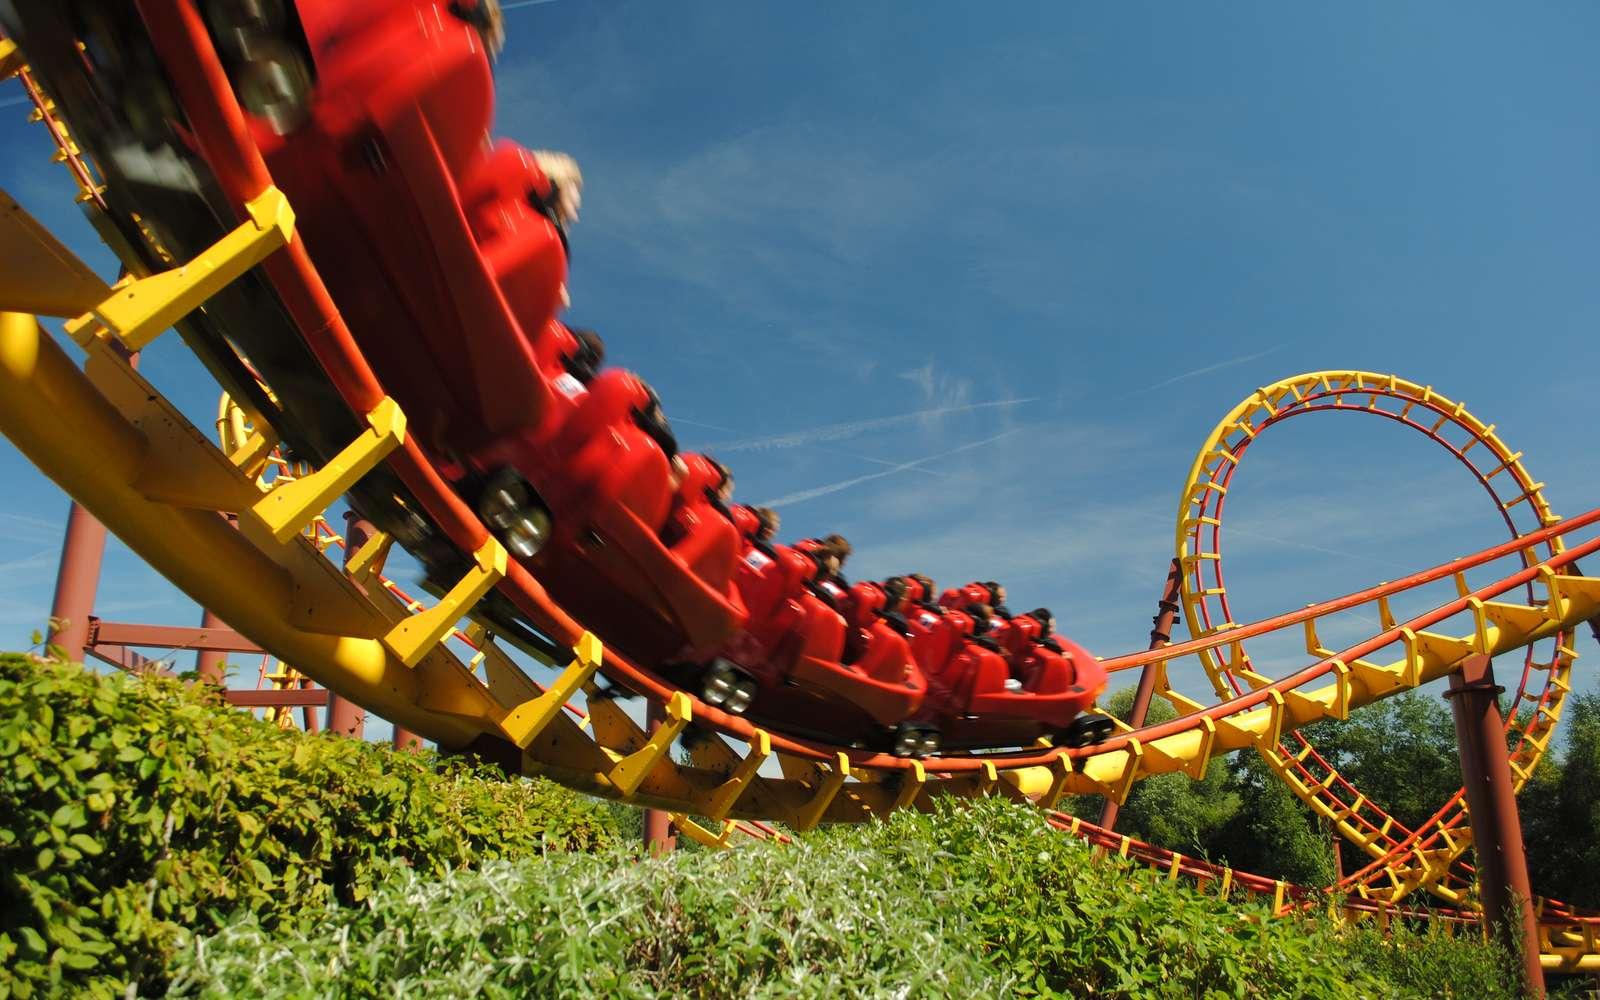 Les parcs d'attractions en France offrent un choix varié d'atmosphères et d'ambiances. © Demiante, Flickr, CC by-sa 2.0